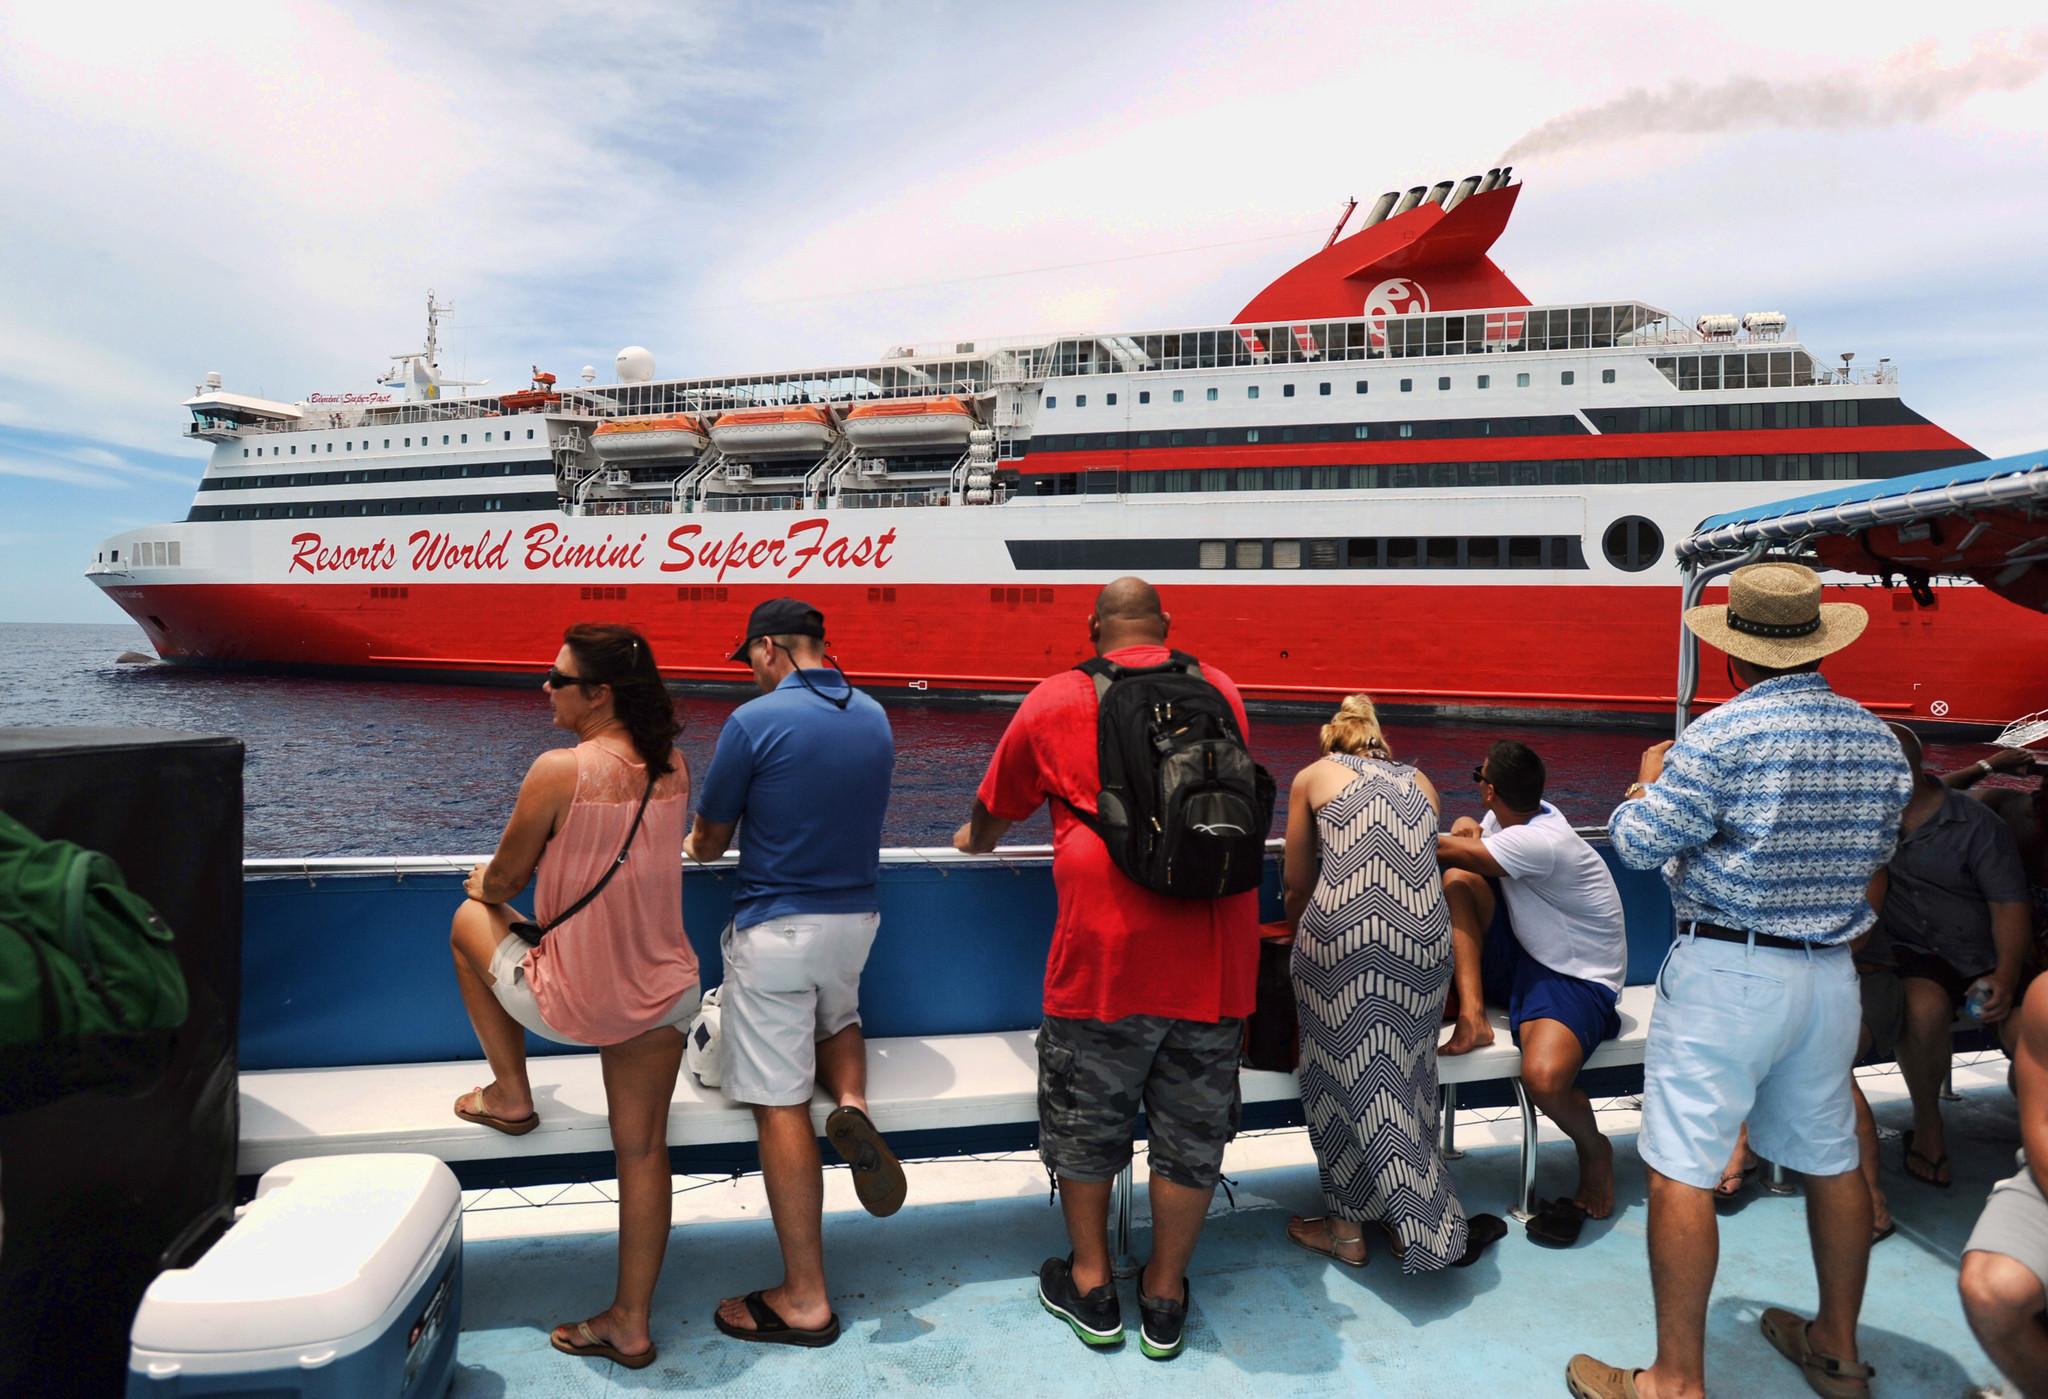 Bimini SuperFast Cruise To Bimini Is Rolling Southfloridacom - Bimini superfast cruise ship